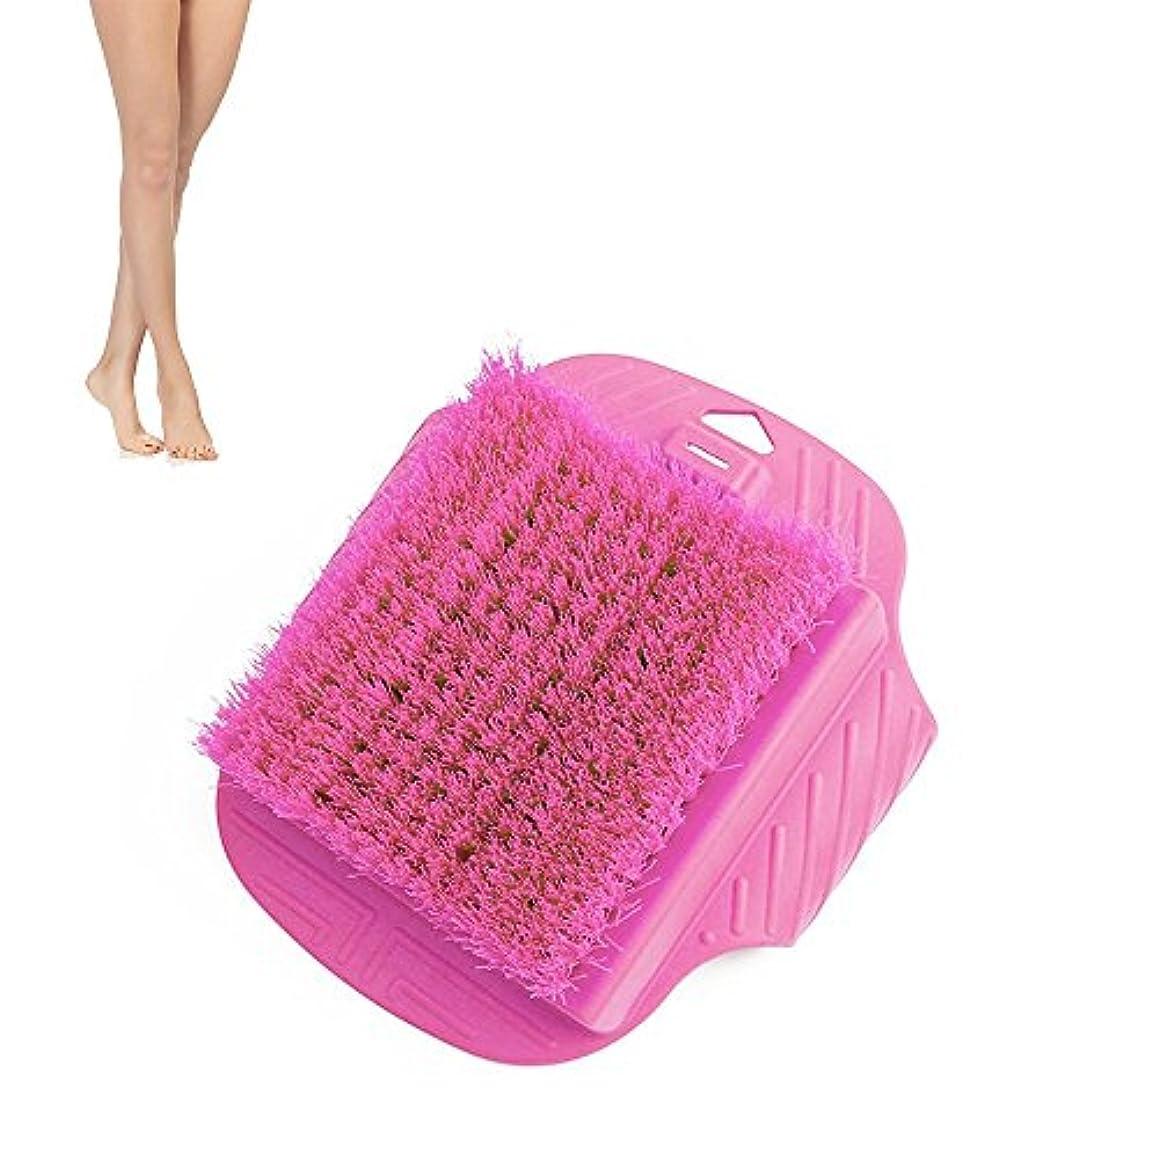 亡命闘争ズームインする足ブラシ フットブラシ フットグルーマー スリッパ ブラシシャワースリッパ お風呂で使える角質ケアブラシ 足の匂い消し 健康グッズ (ピンク)